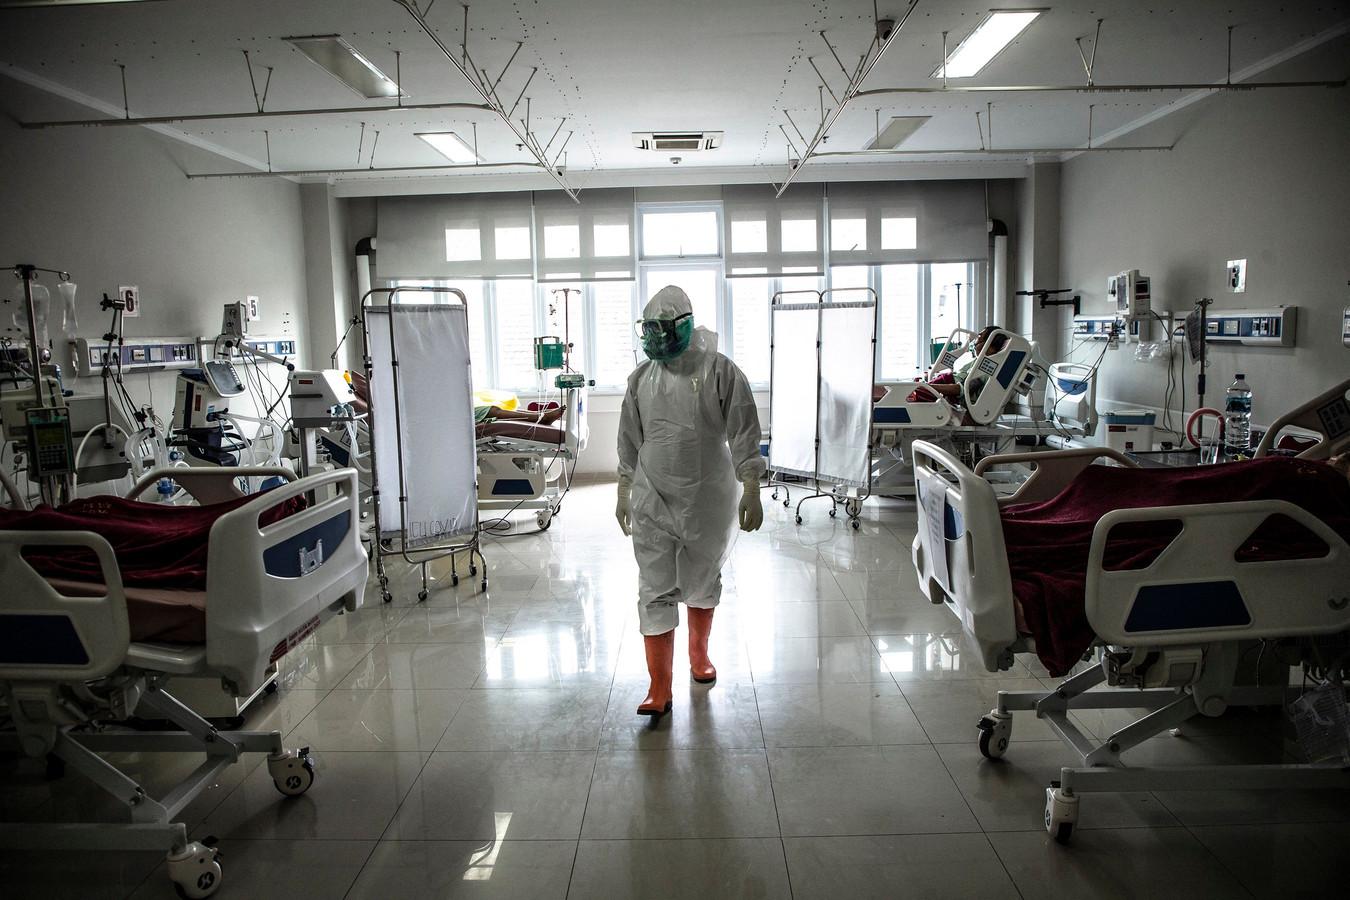 Un membre du personnel médical contrôle des patients atteints du coronavirus Covid-19 dans le service de soins intensifs d'un hôpital à Bogor, le 18 juin 2021, alors que le taux d'infection par le coronavirus Covid-19 monte en flèche en Indonésie.